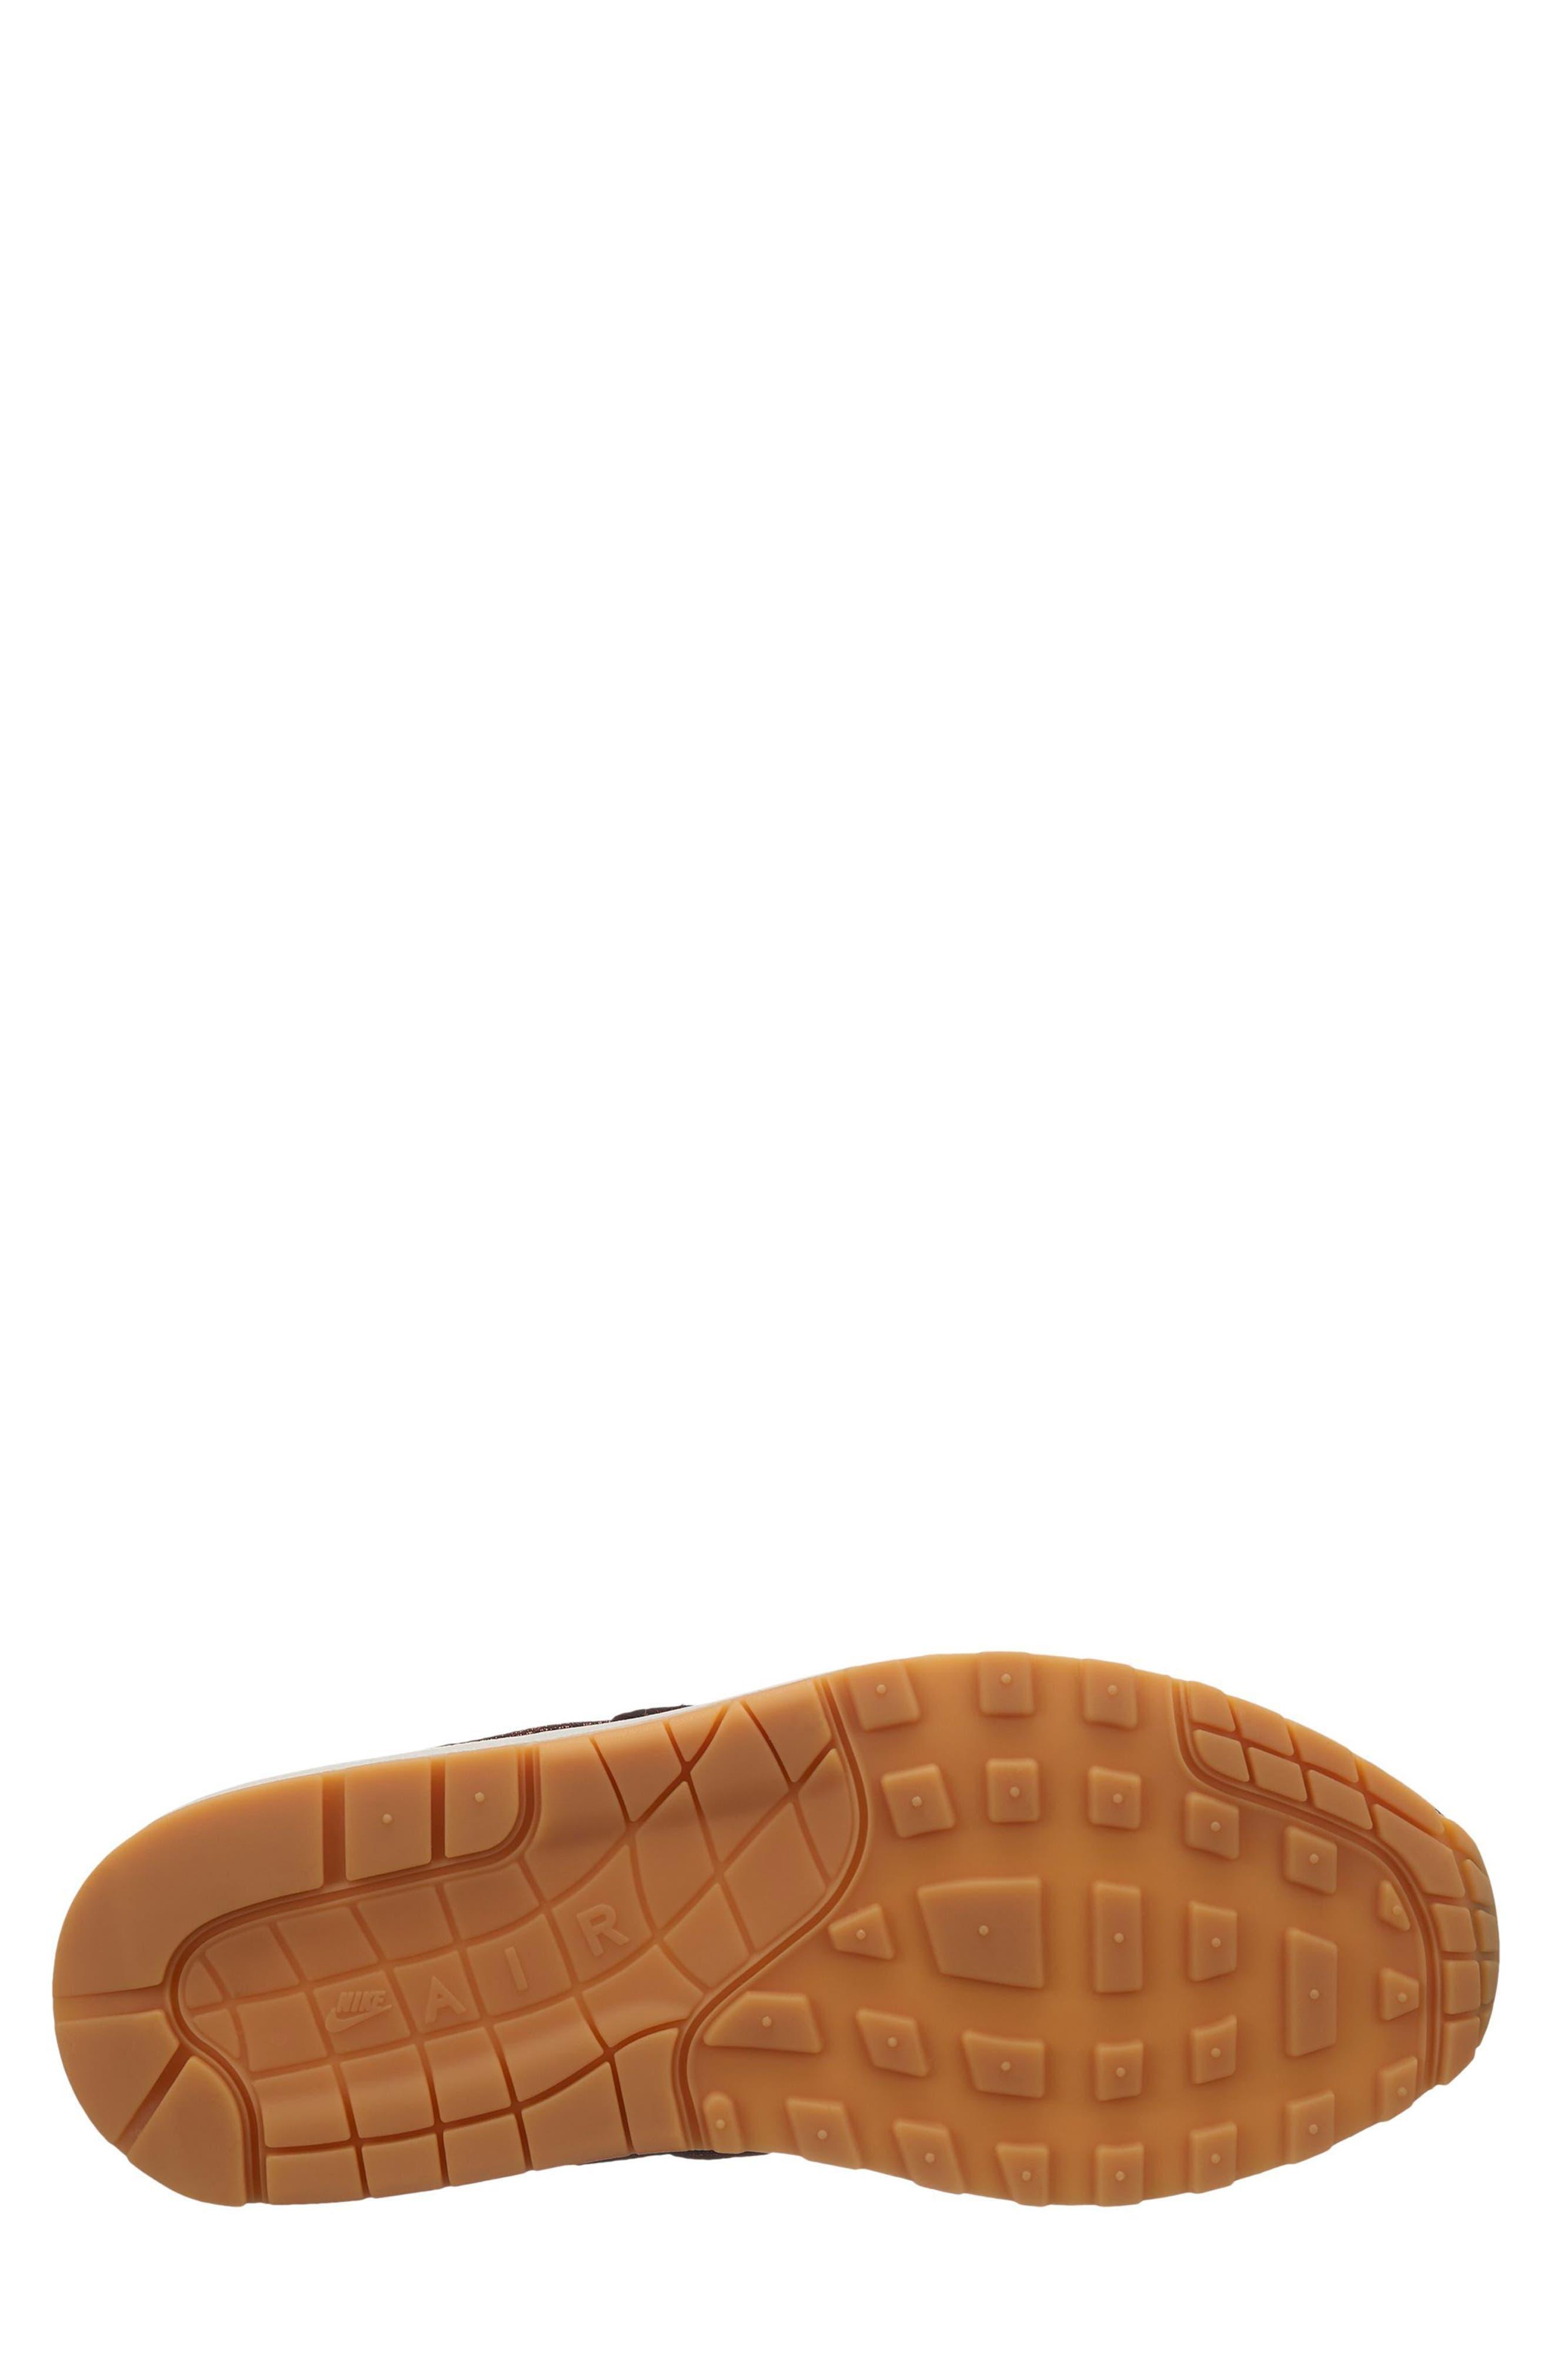 Air Max 1 Premium Sneaker,                             Alternate thumbnail 8, color,                             GREY